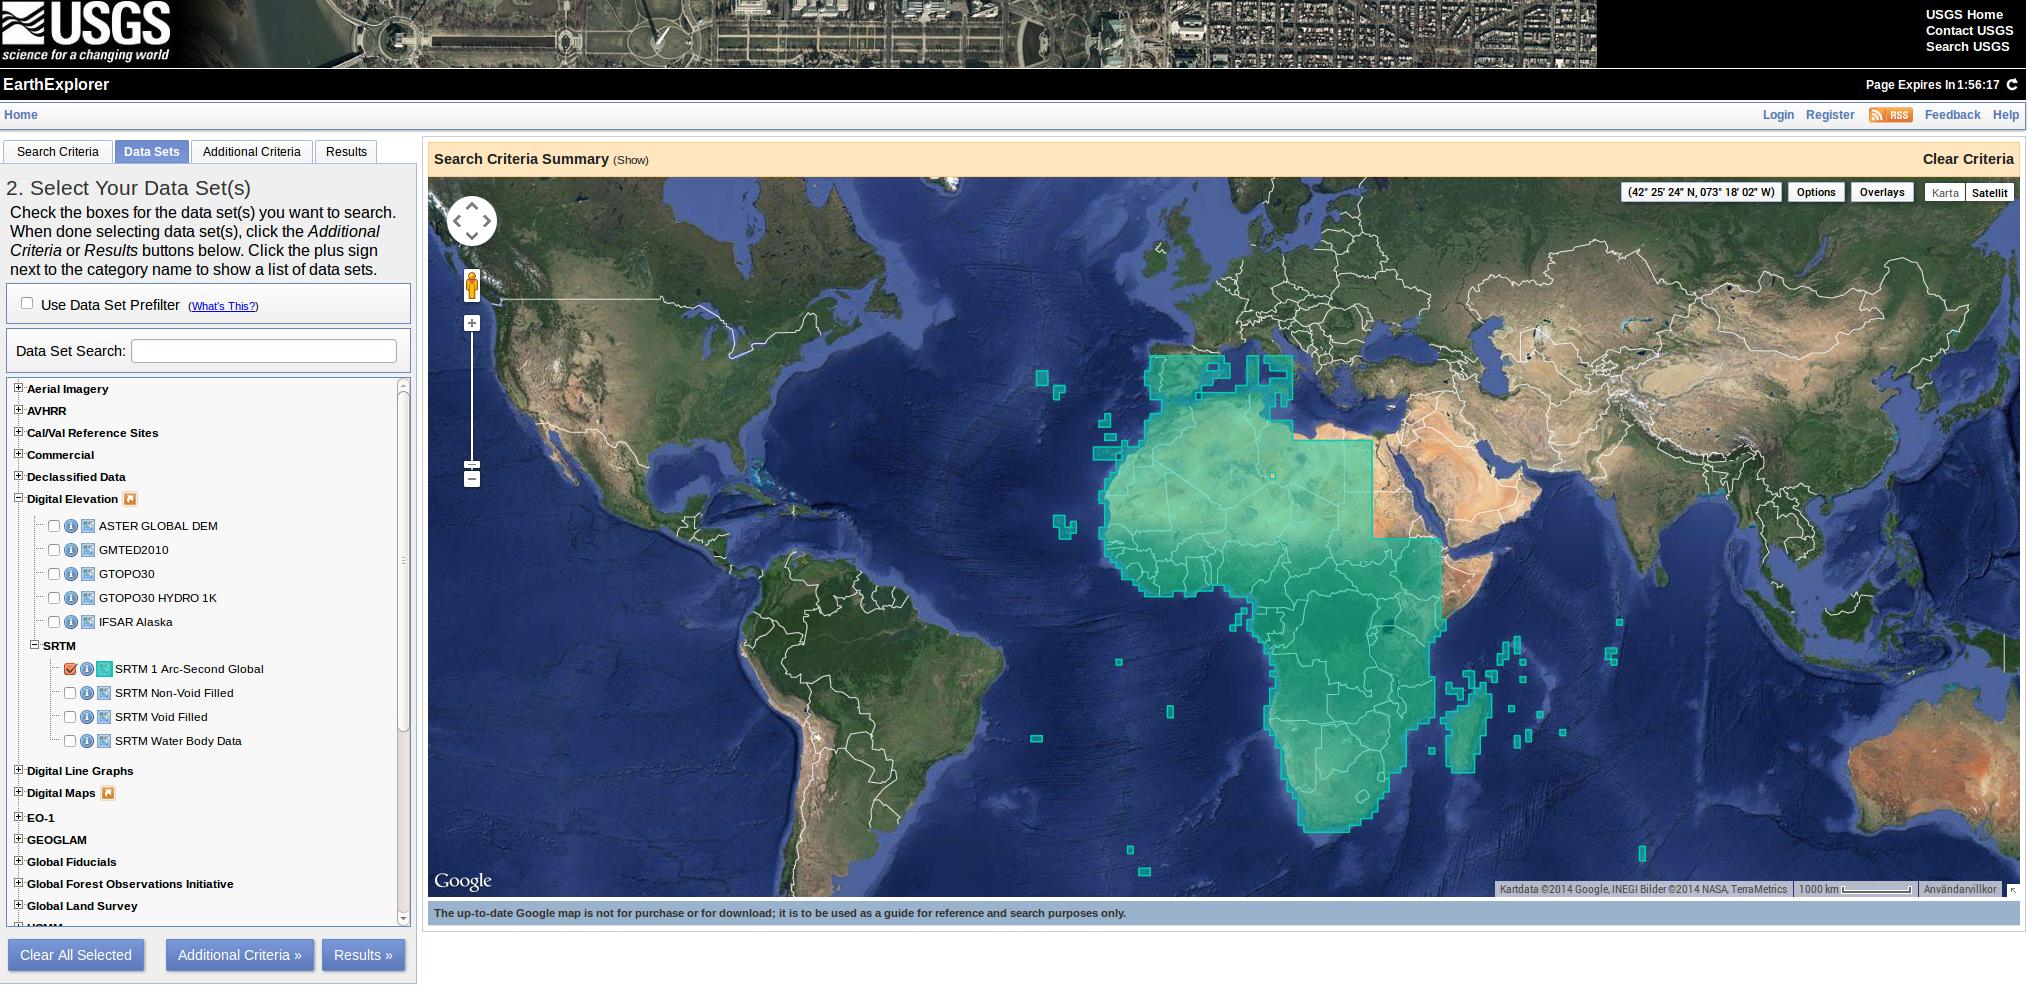 Screenshot from 2014-10-05 15:03:20